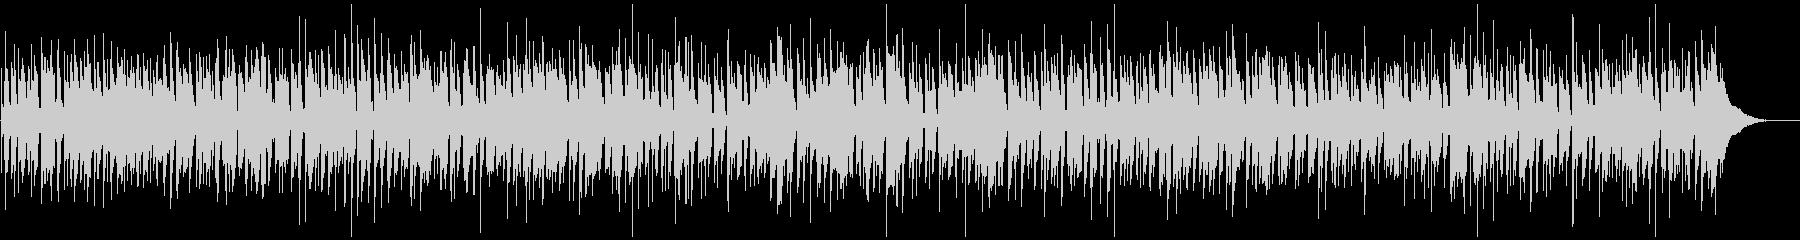 ほのぼのボサノバのBGMの未再生の波形